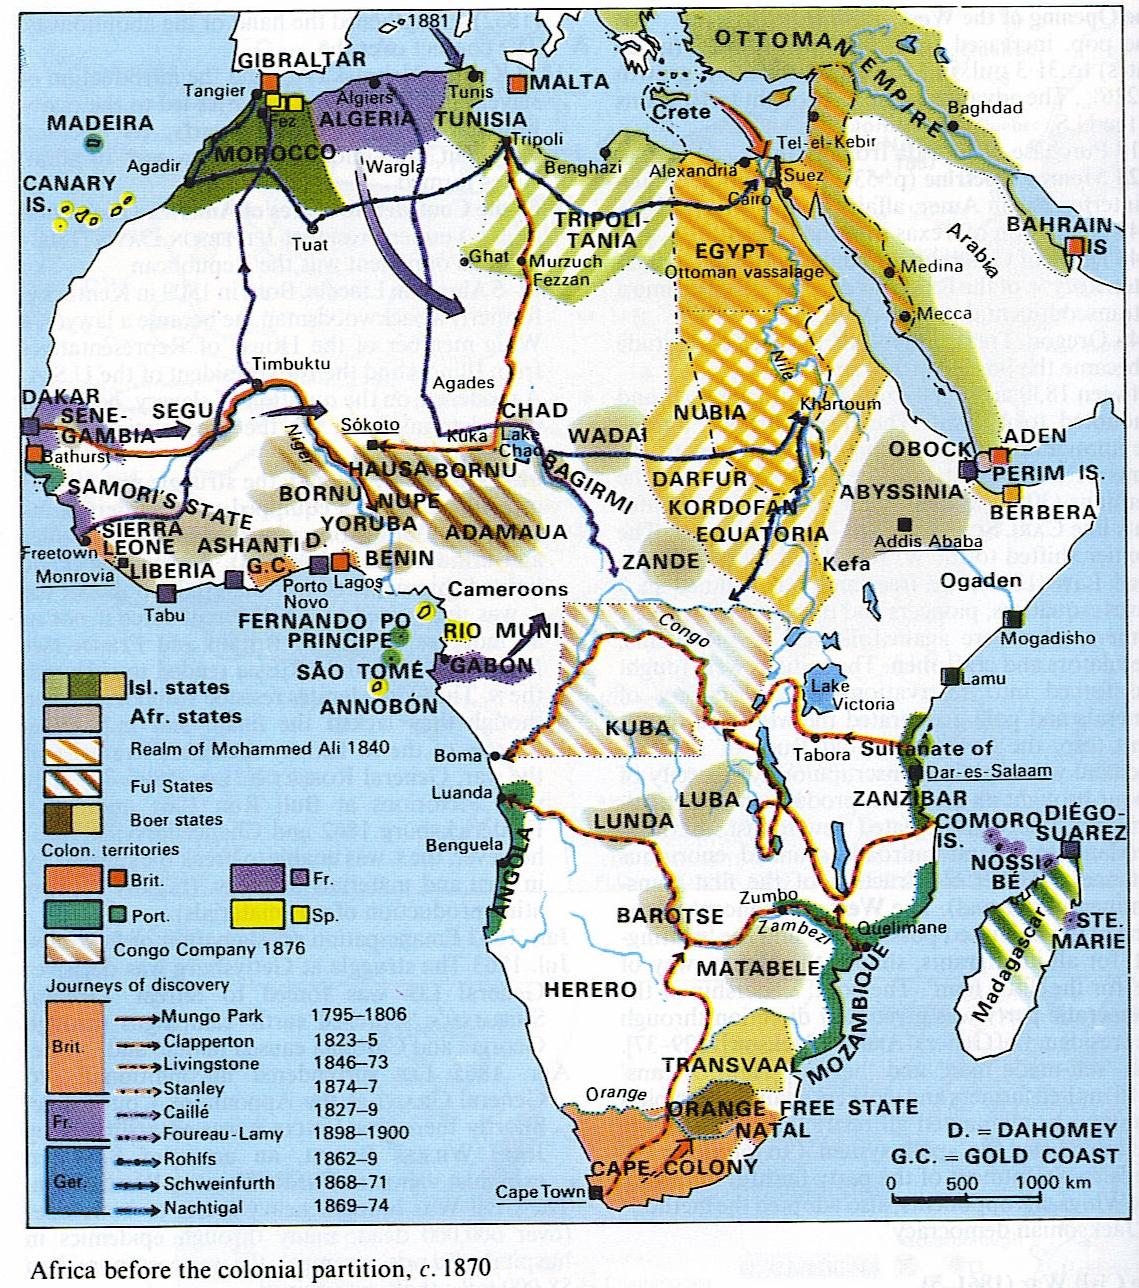 África antes de la partición colonial c. 1870